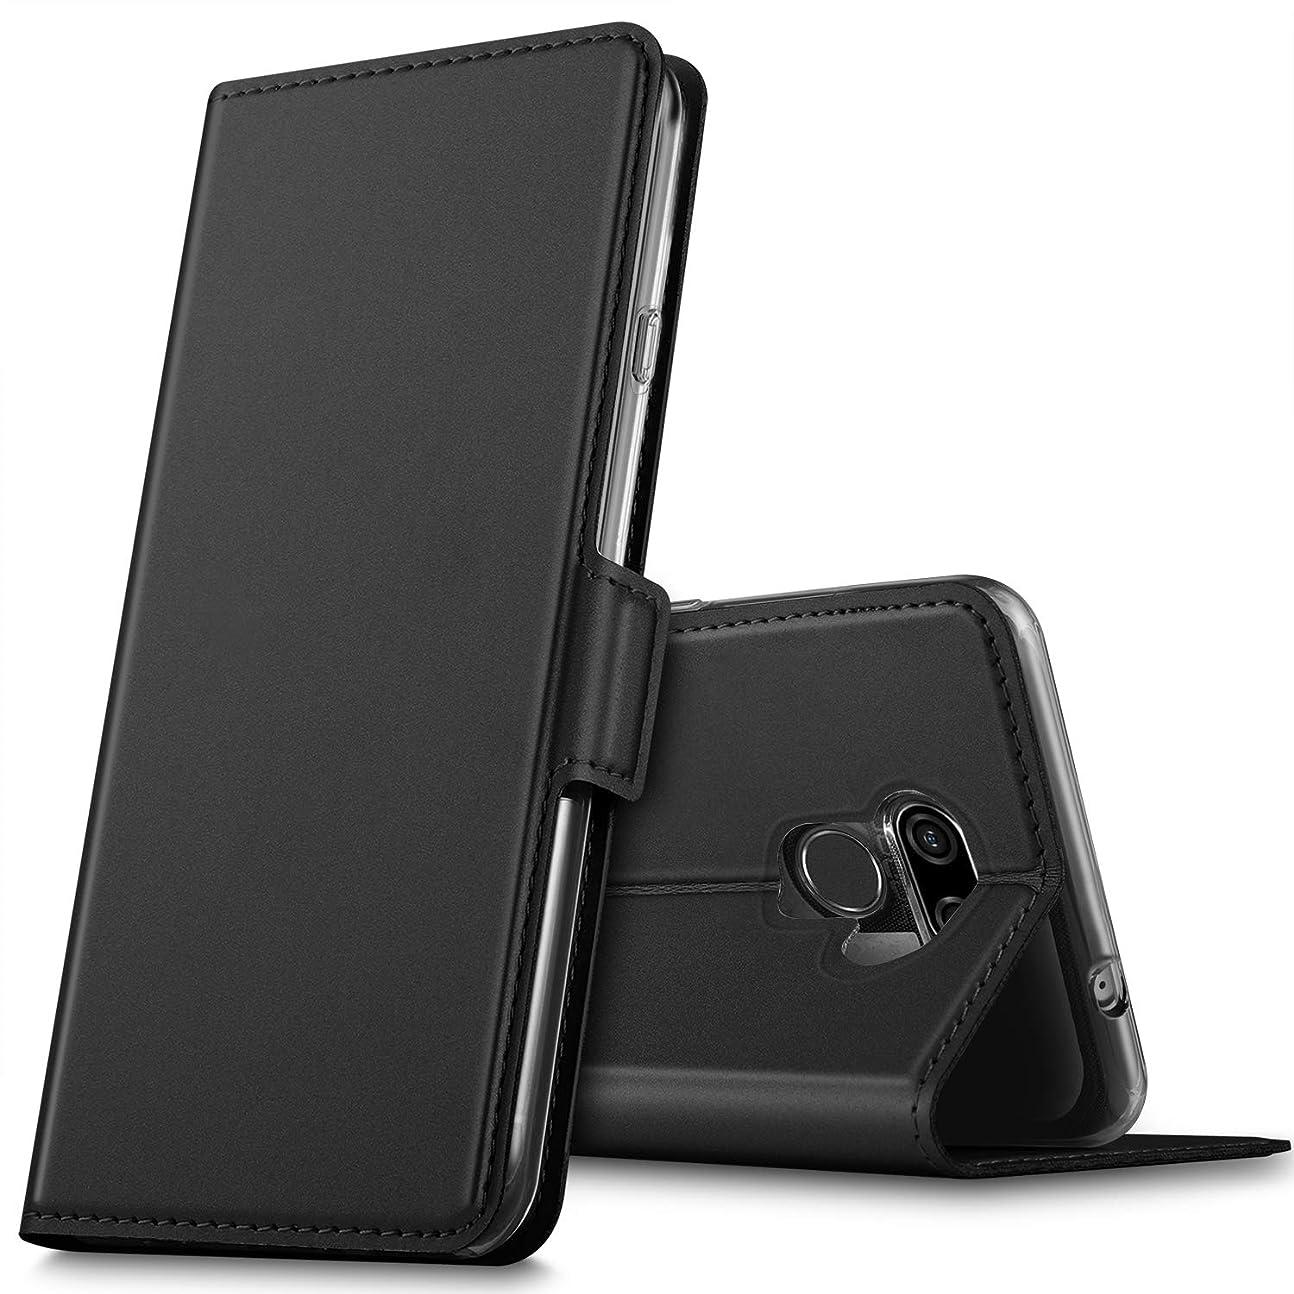 出くわす天才合体LG K50 ケース KuGi LG K50 カバー スタンド機能 横開き 軽量 薄型 耐衝撃 高級 PUレザー 折り畳み式 LG K50 手帳型ケース 全面保護カバー カード収納 ブラック